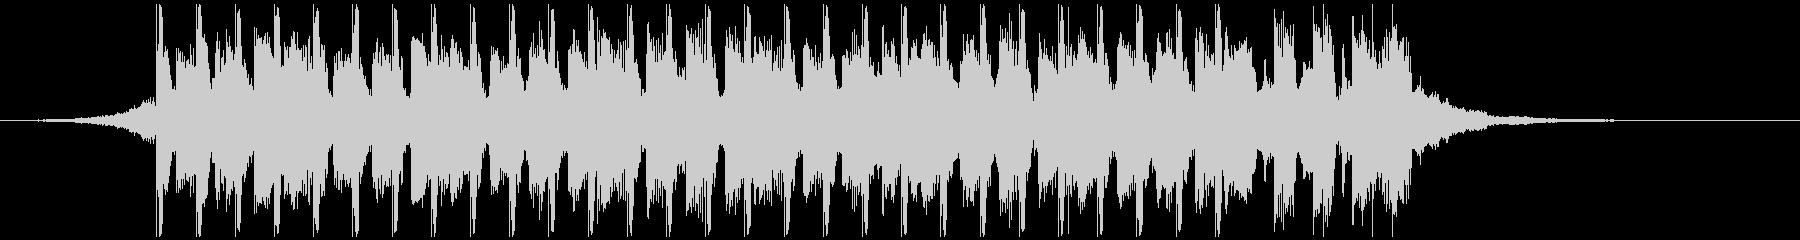 サマーポップ(短編)の未再生の波形